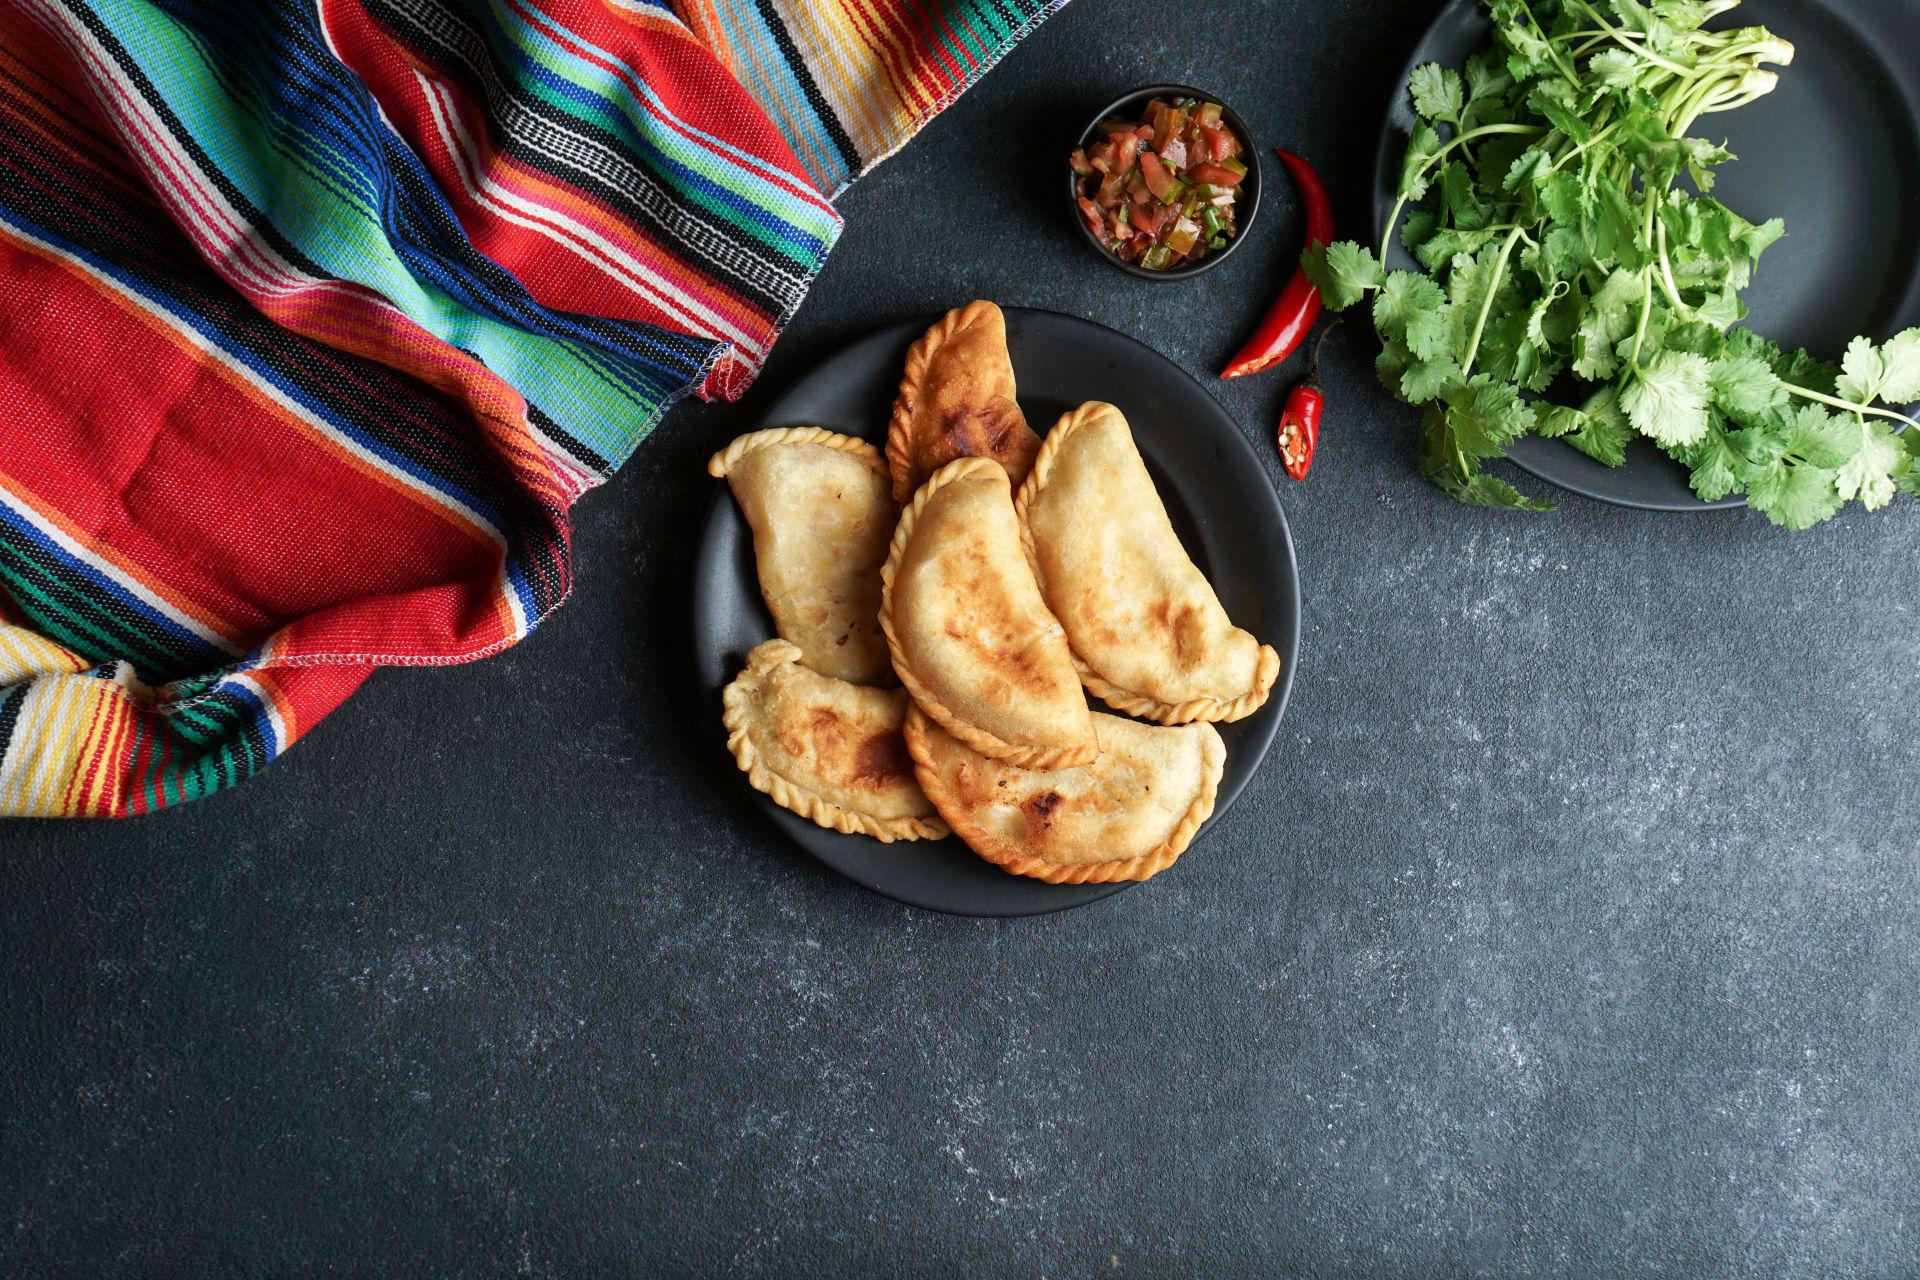 La Paz - Bolivian cuisine: Tucumanas